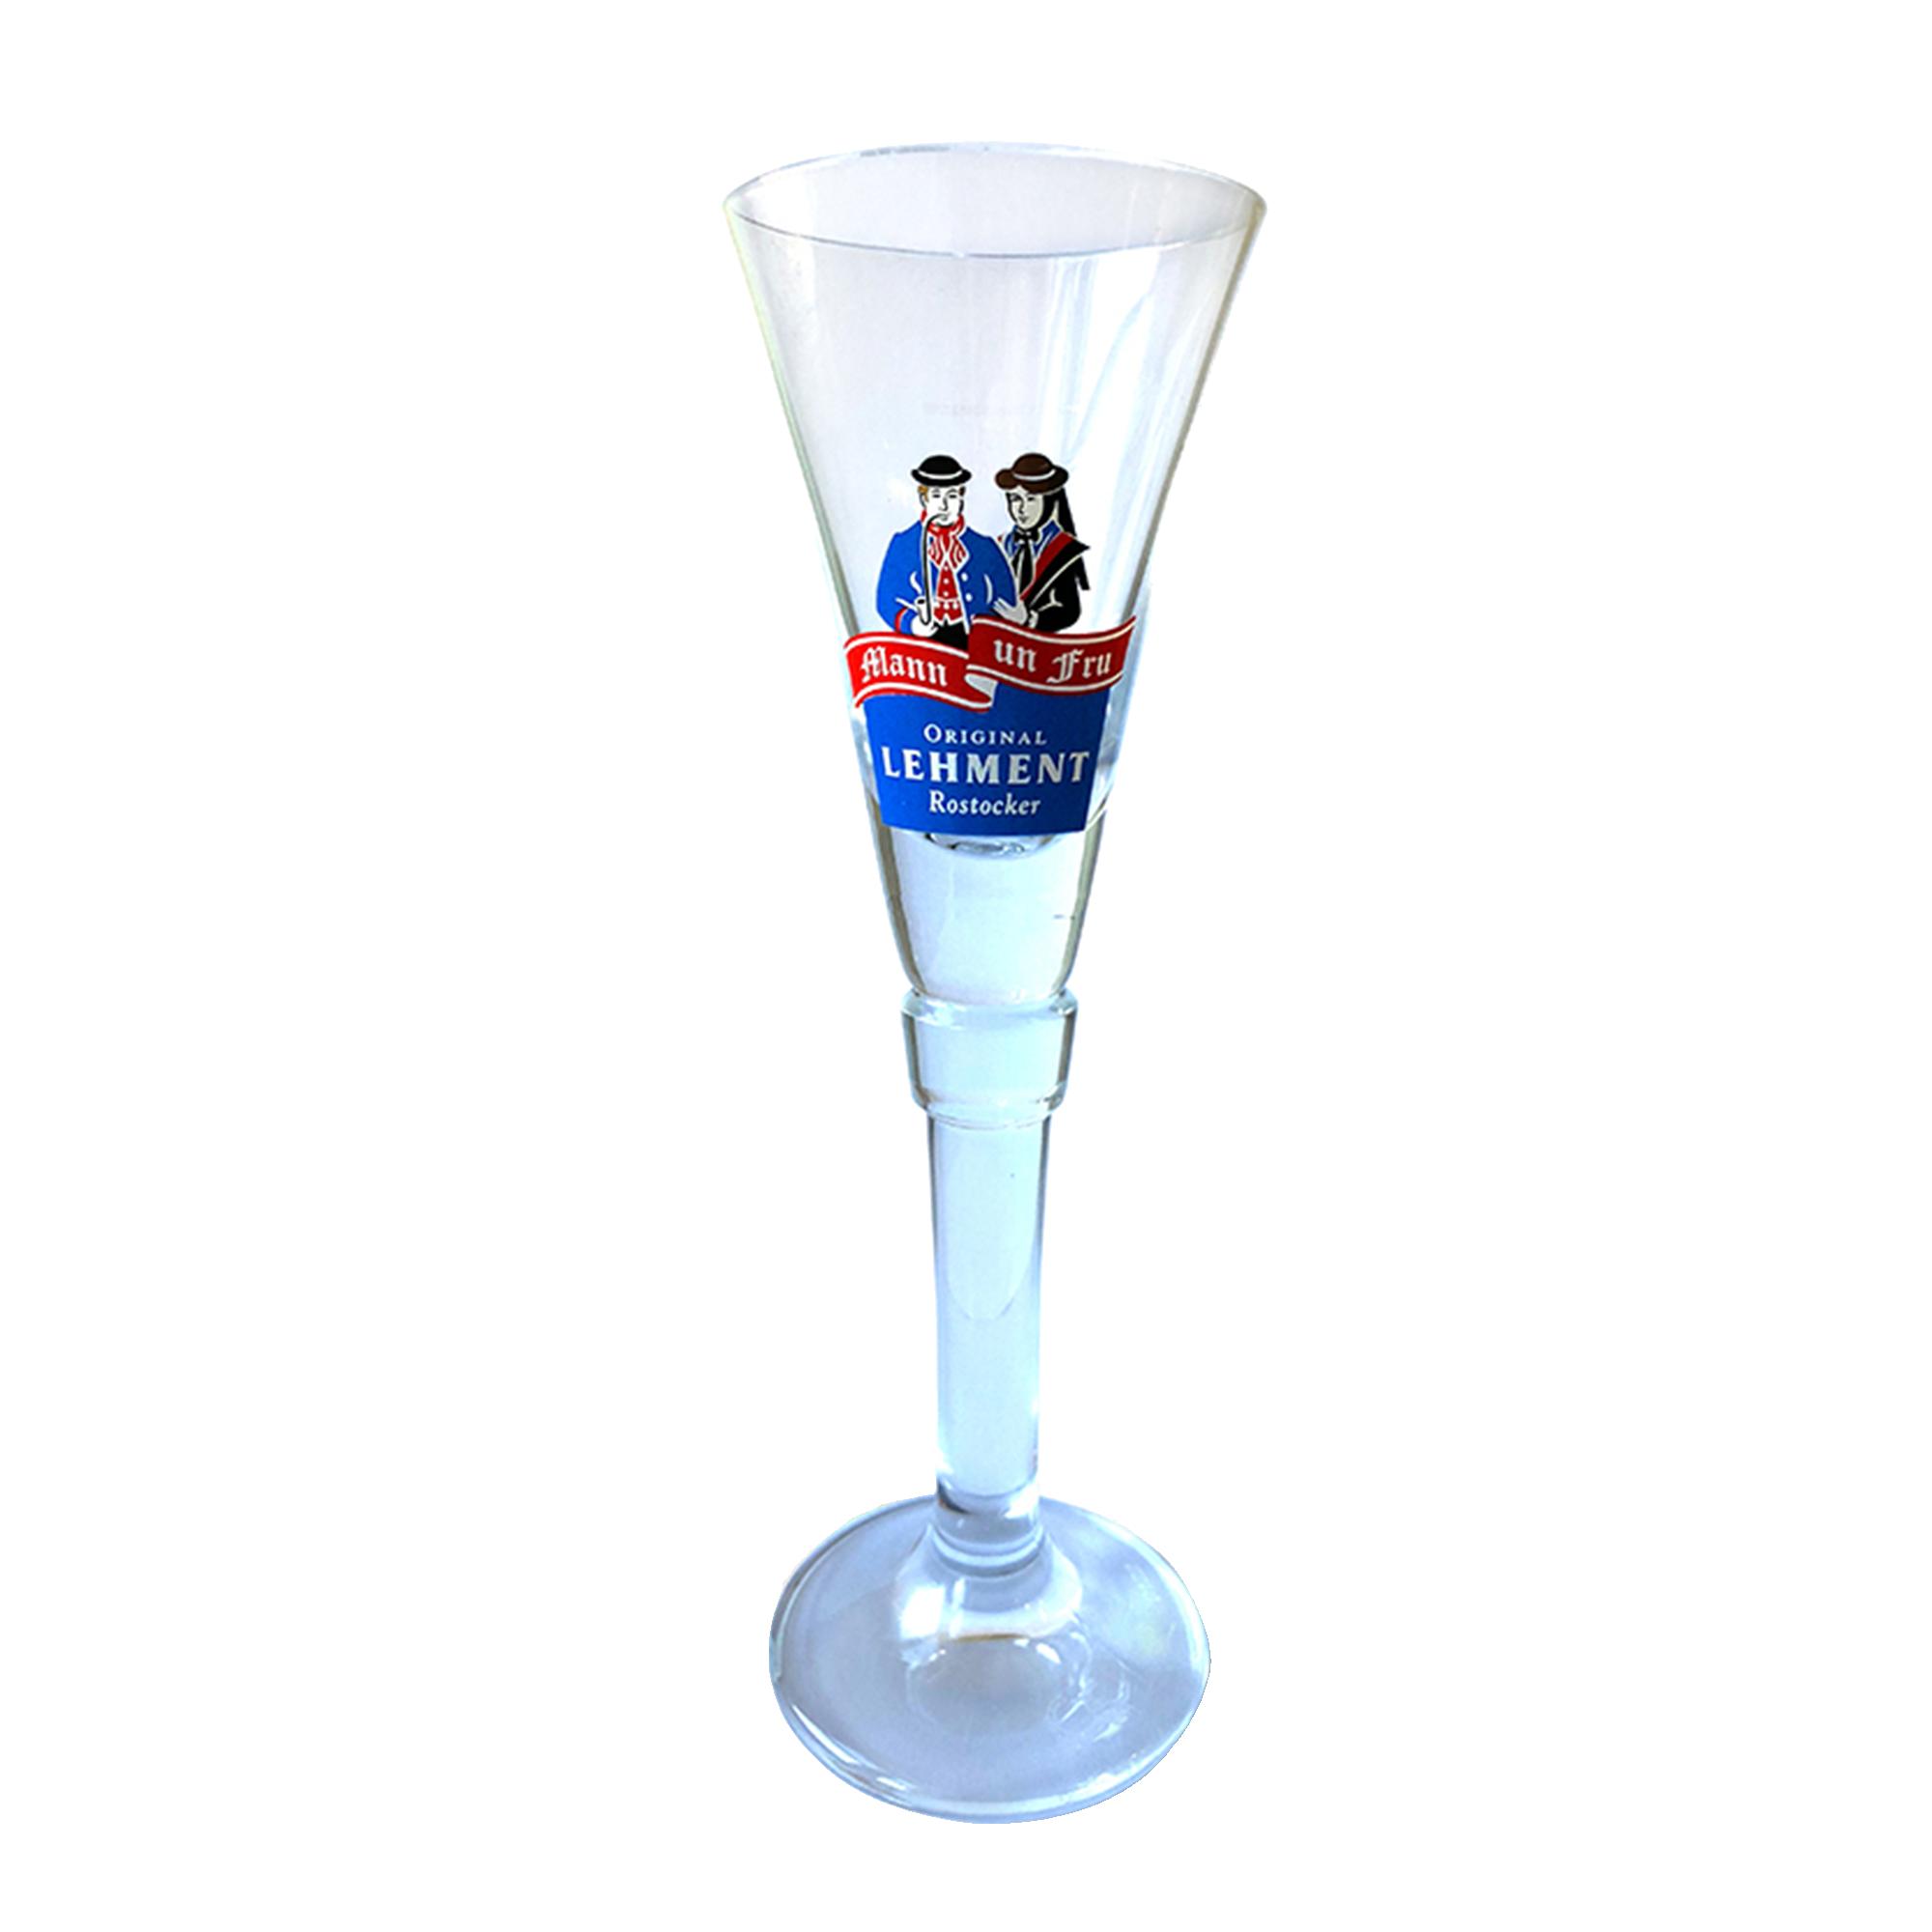 Lehment Stielglas 2cl